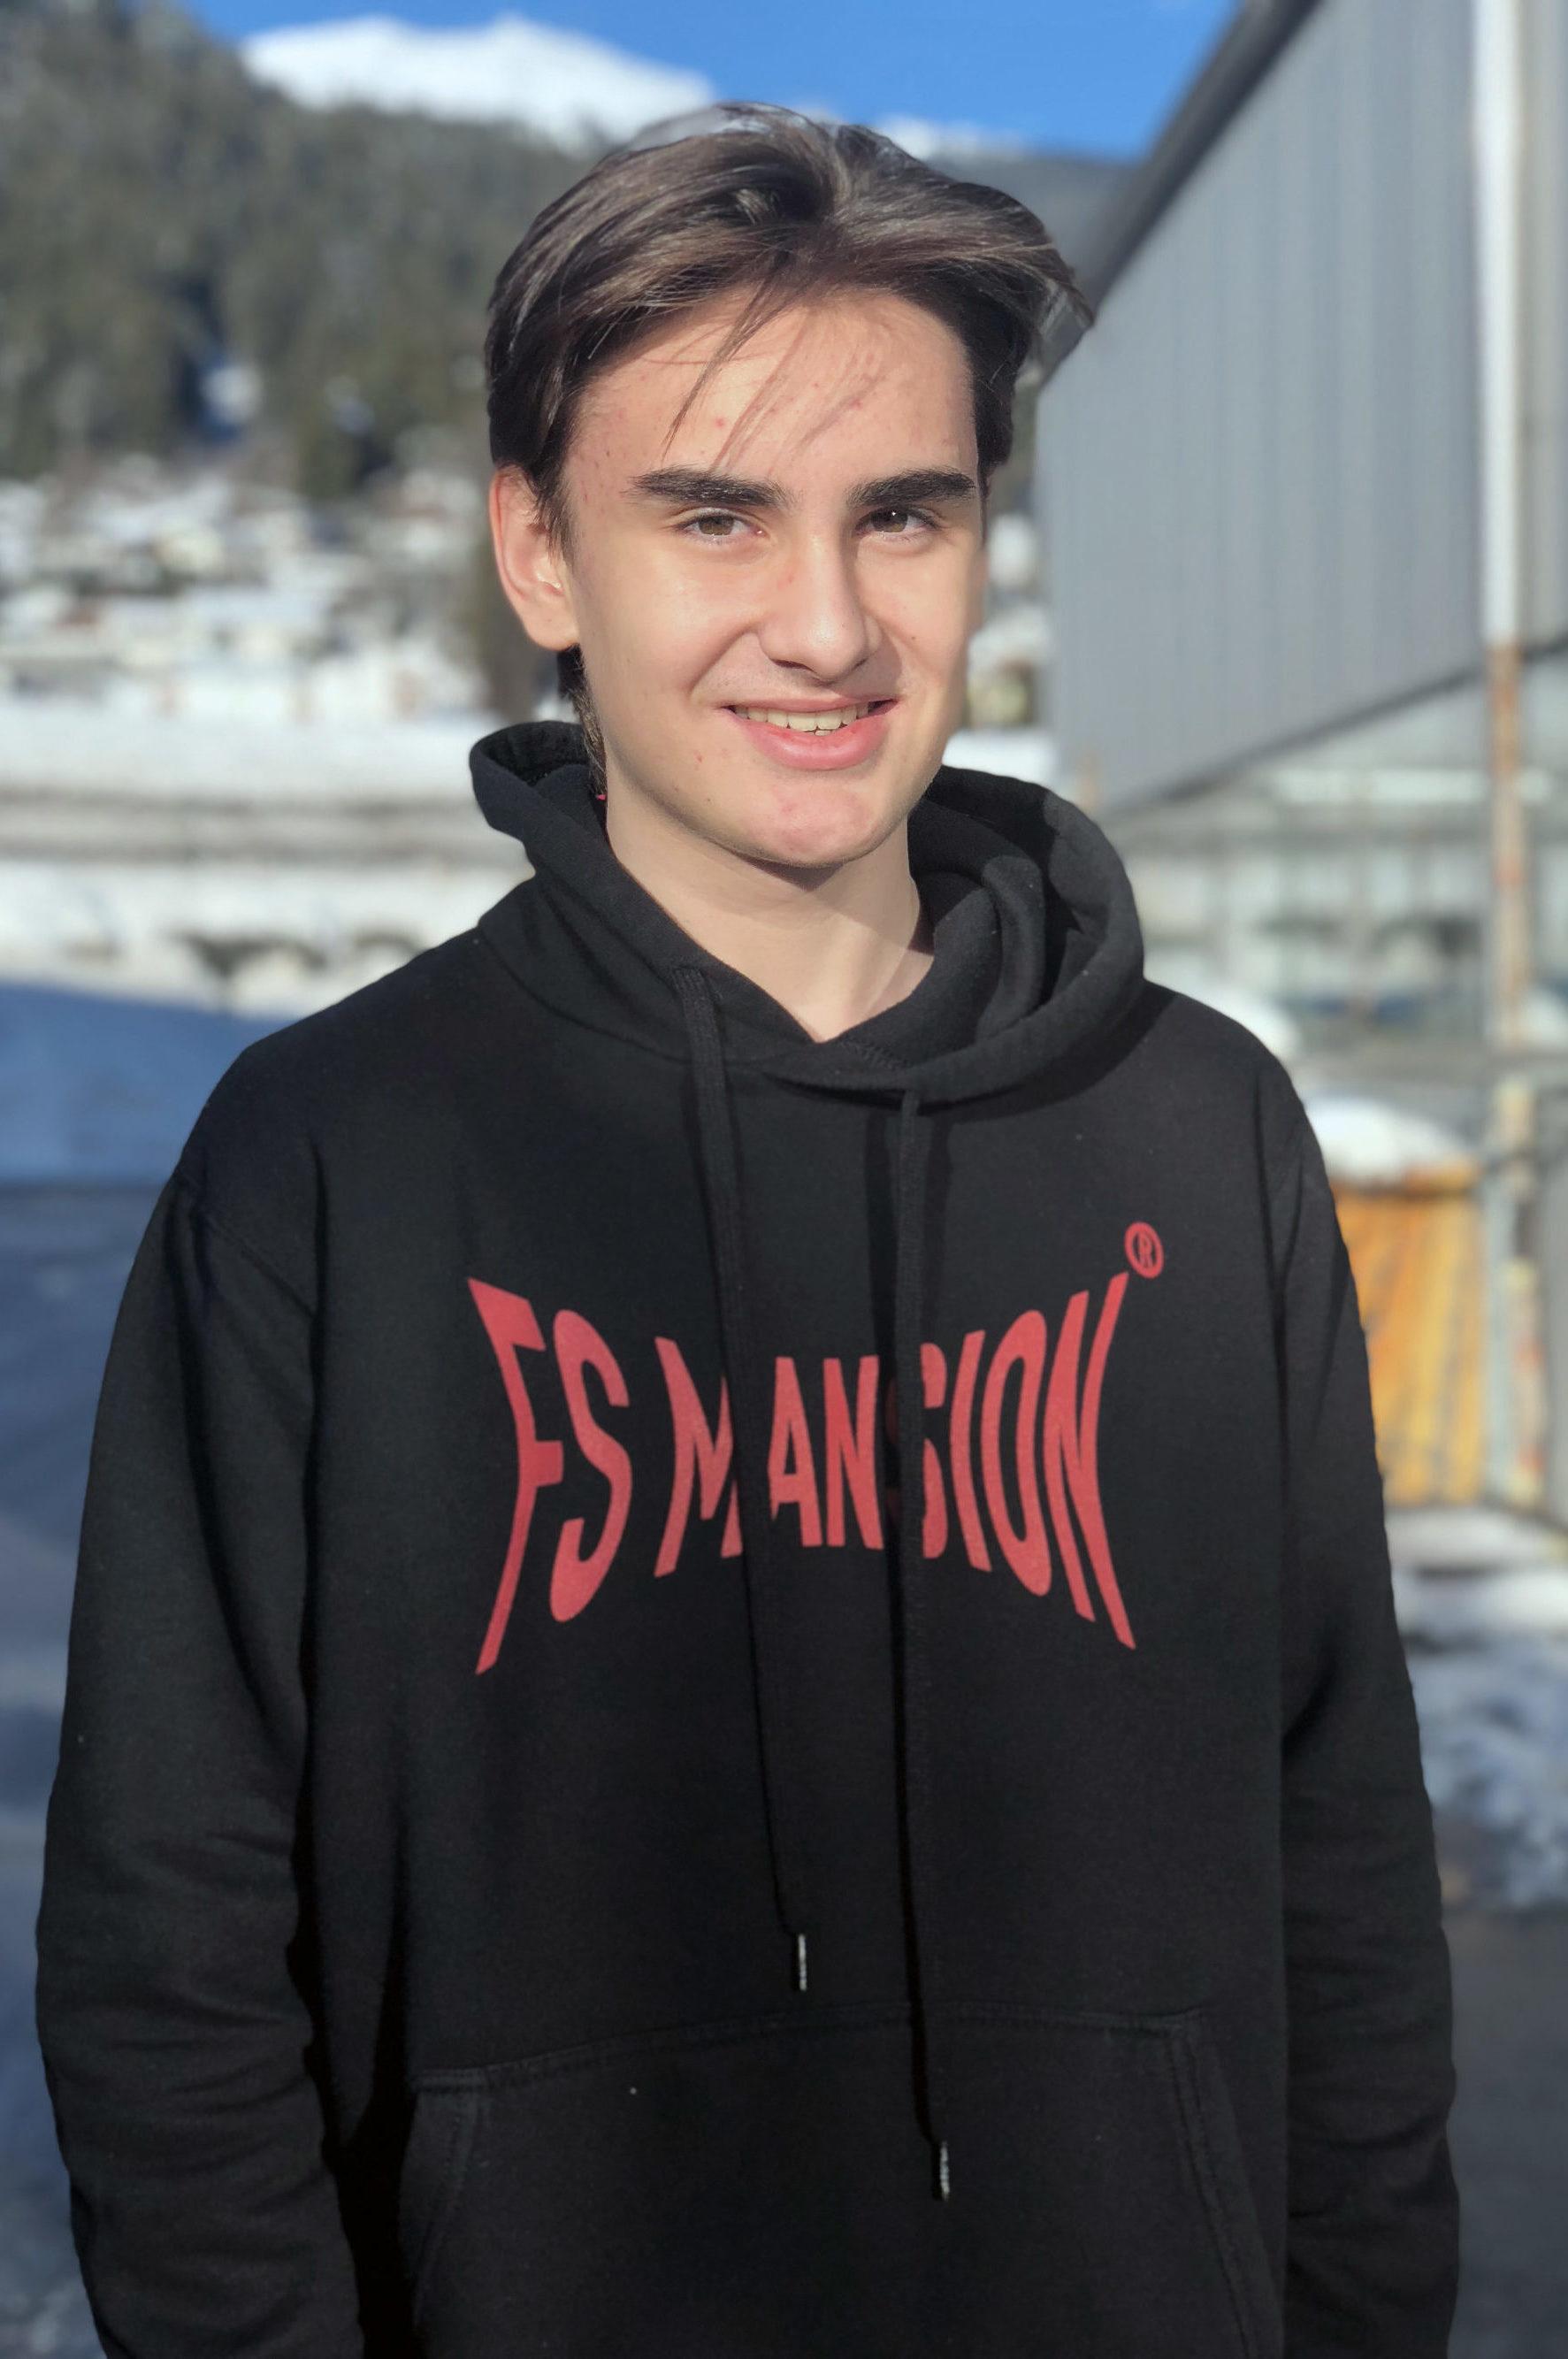 Yanik Jann